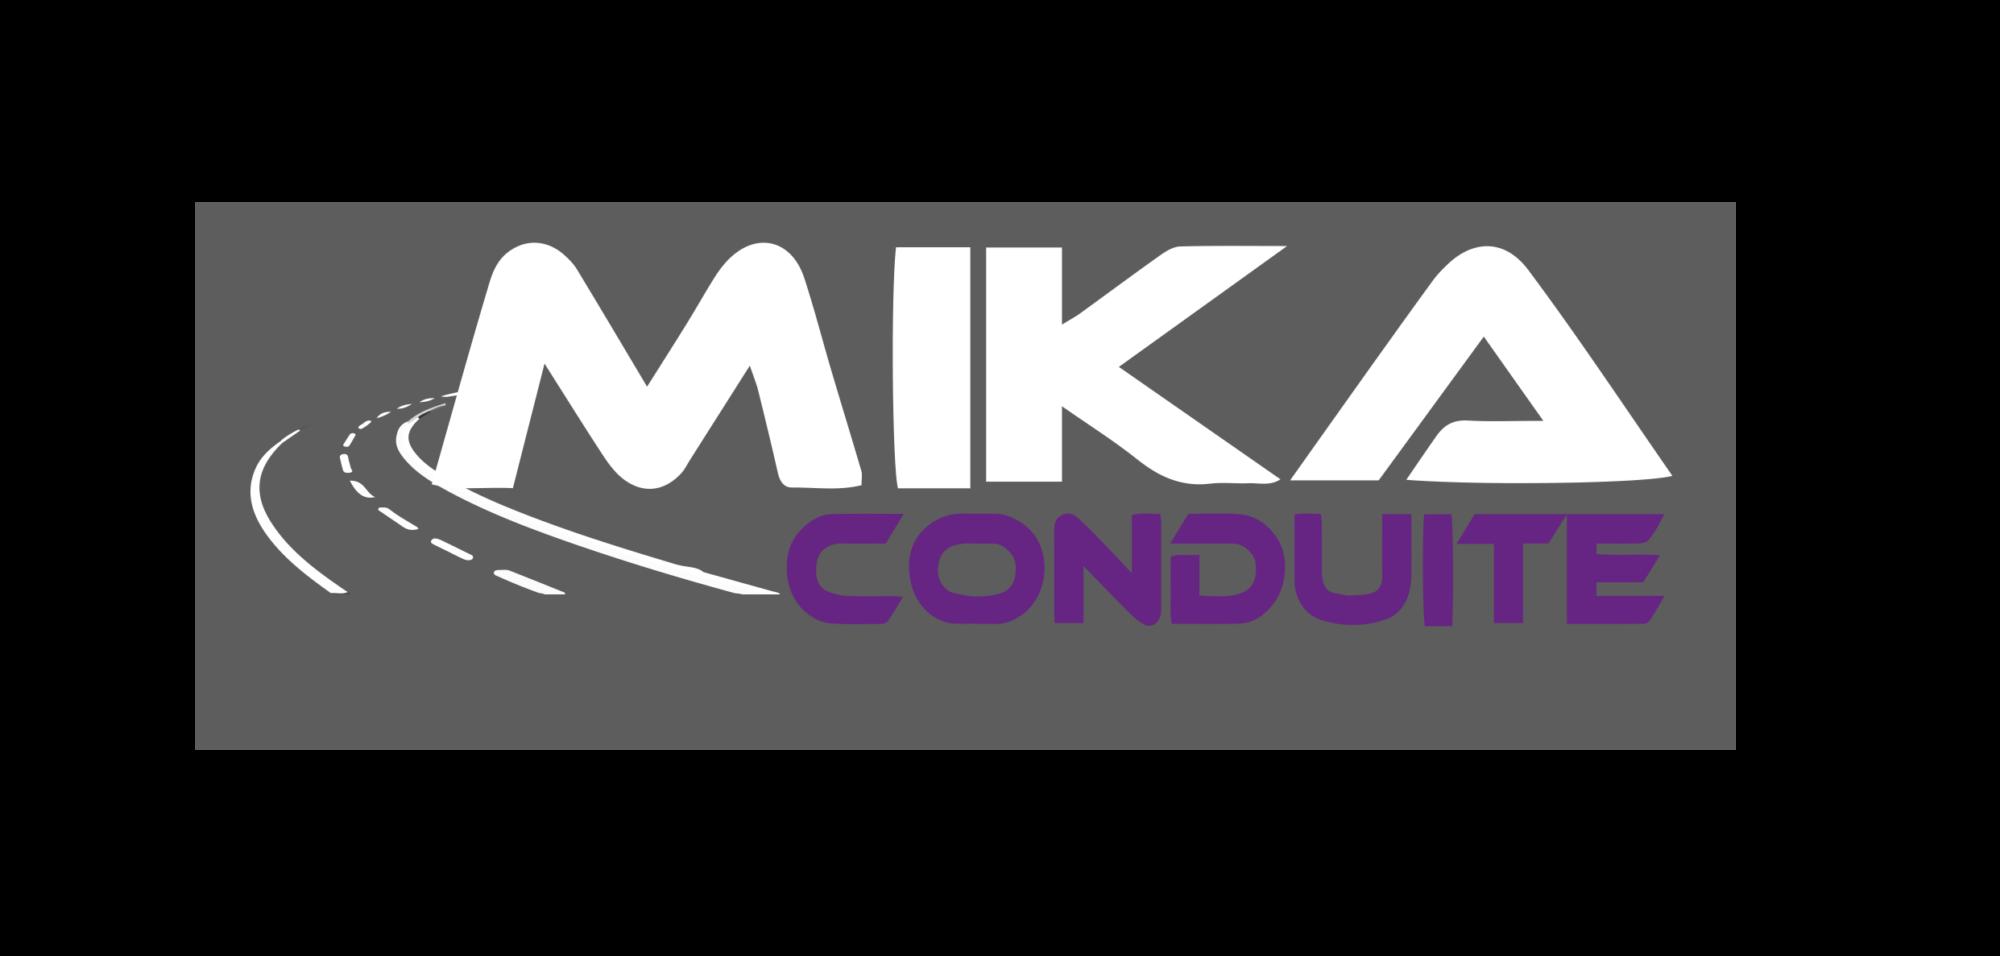 Mika conduite